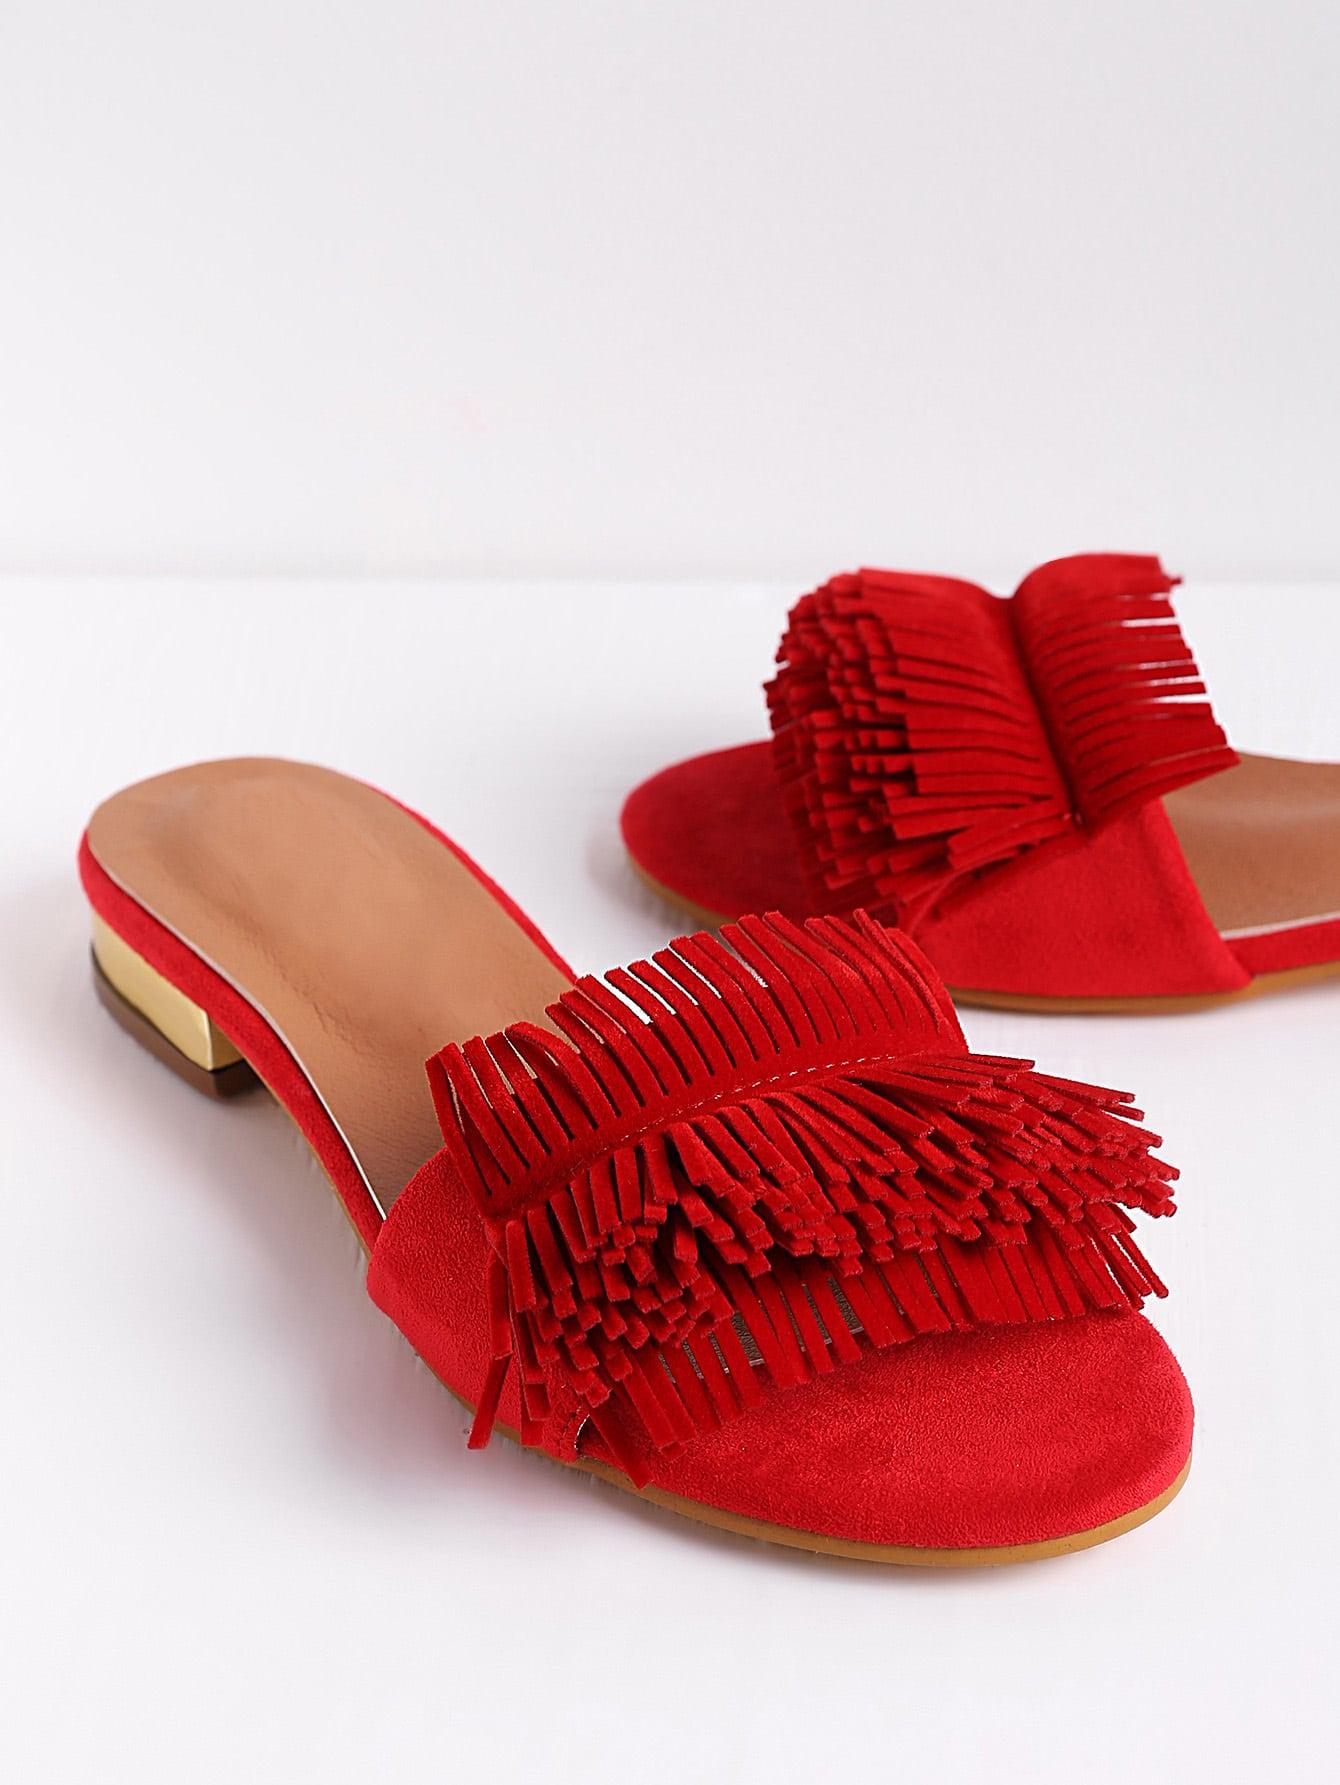 shoes170412801_2